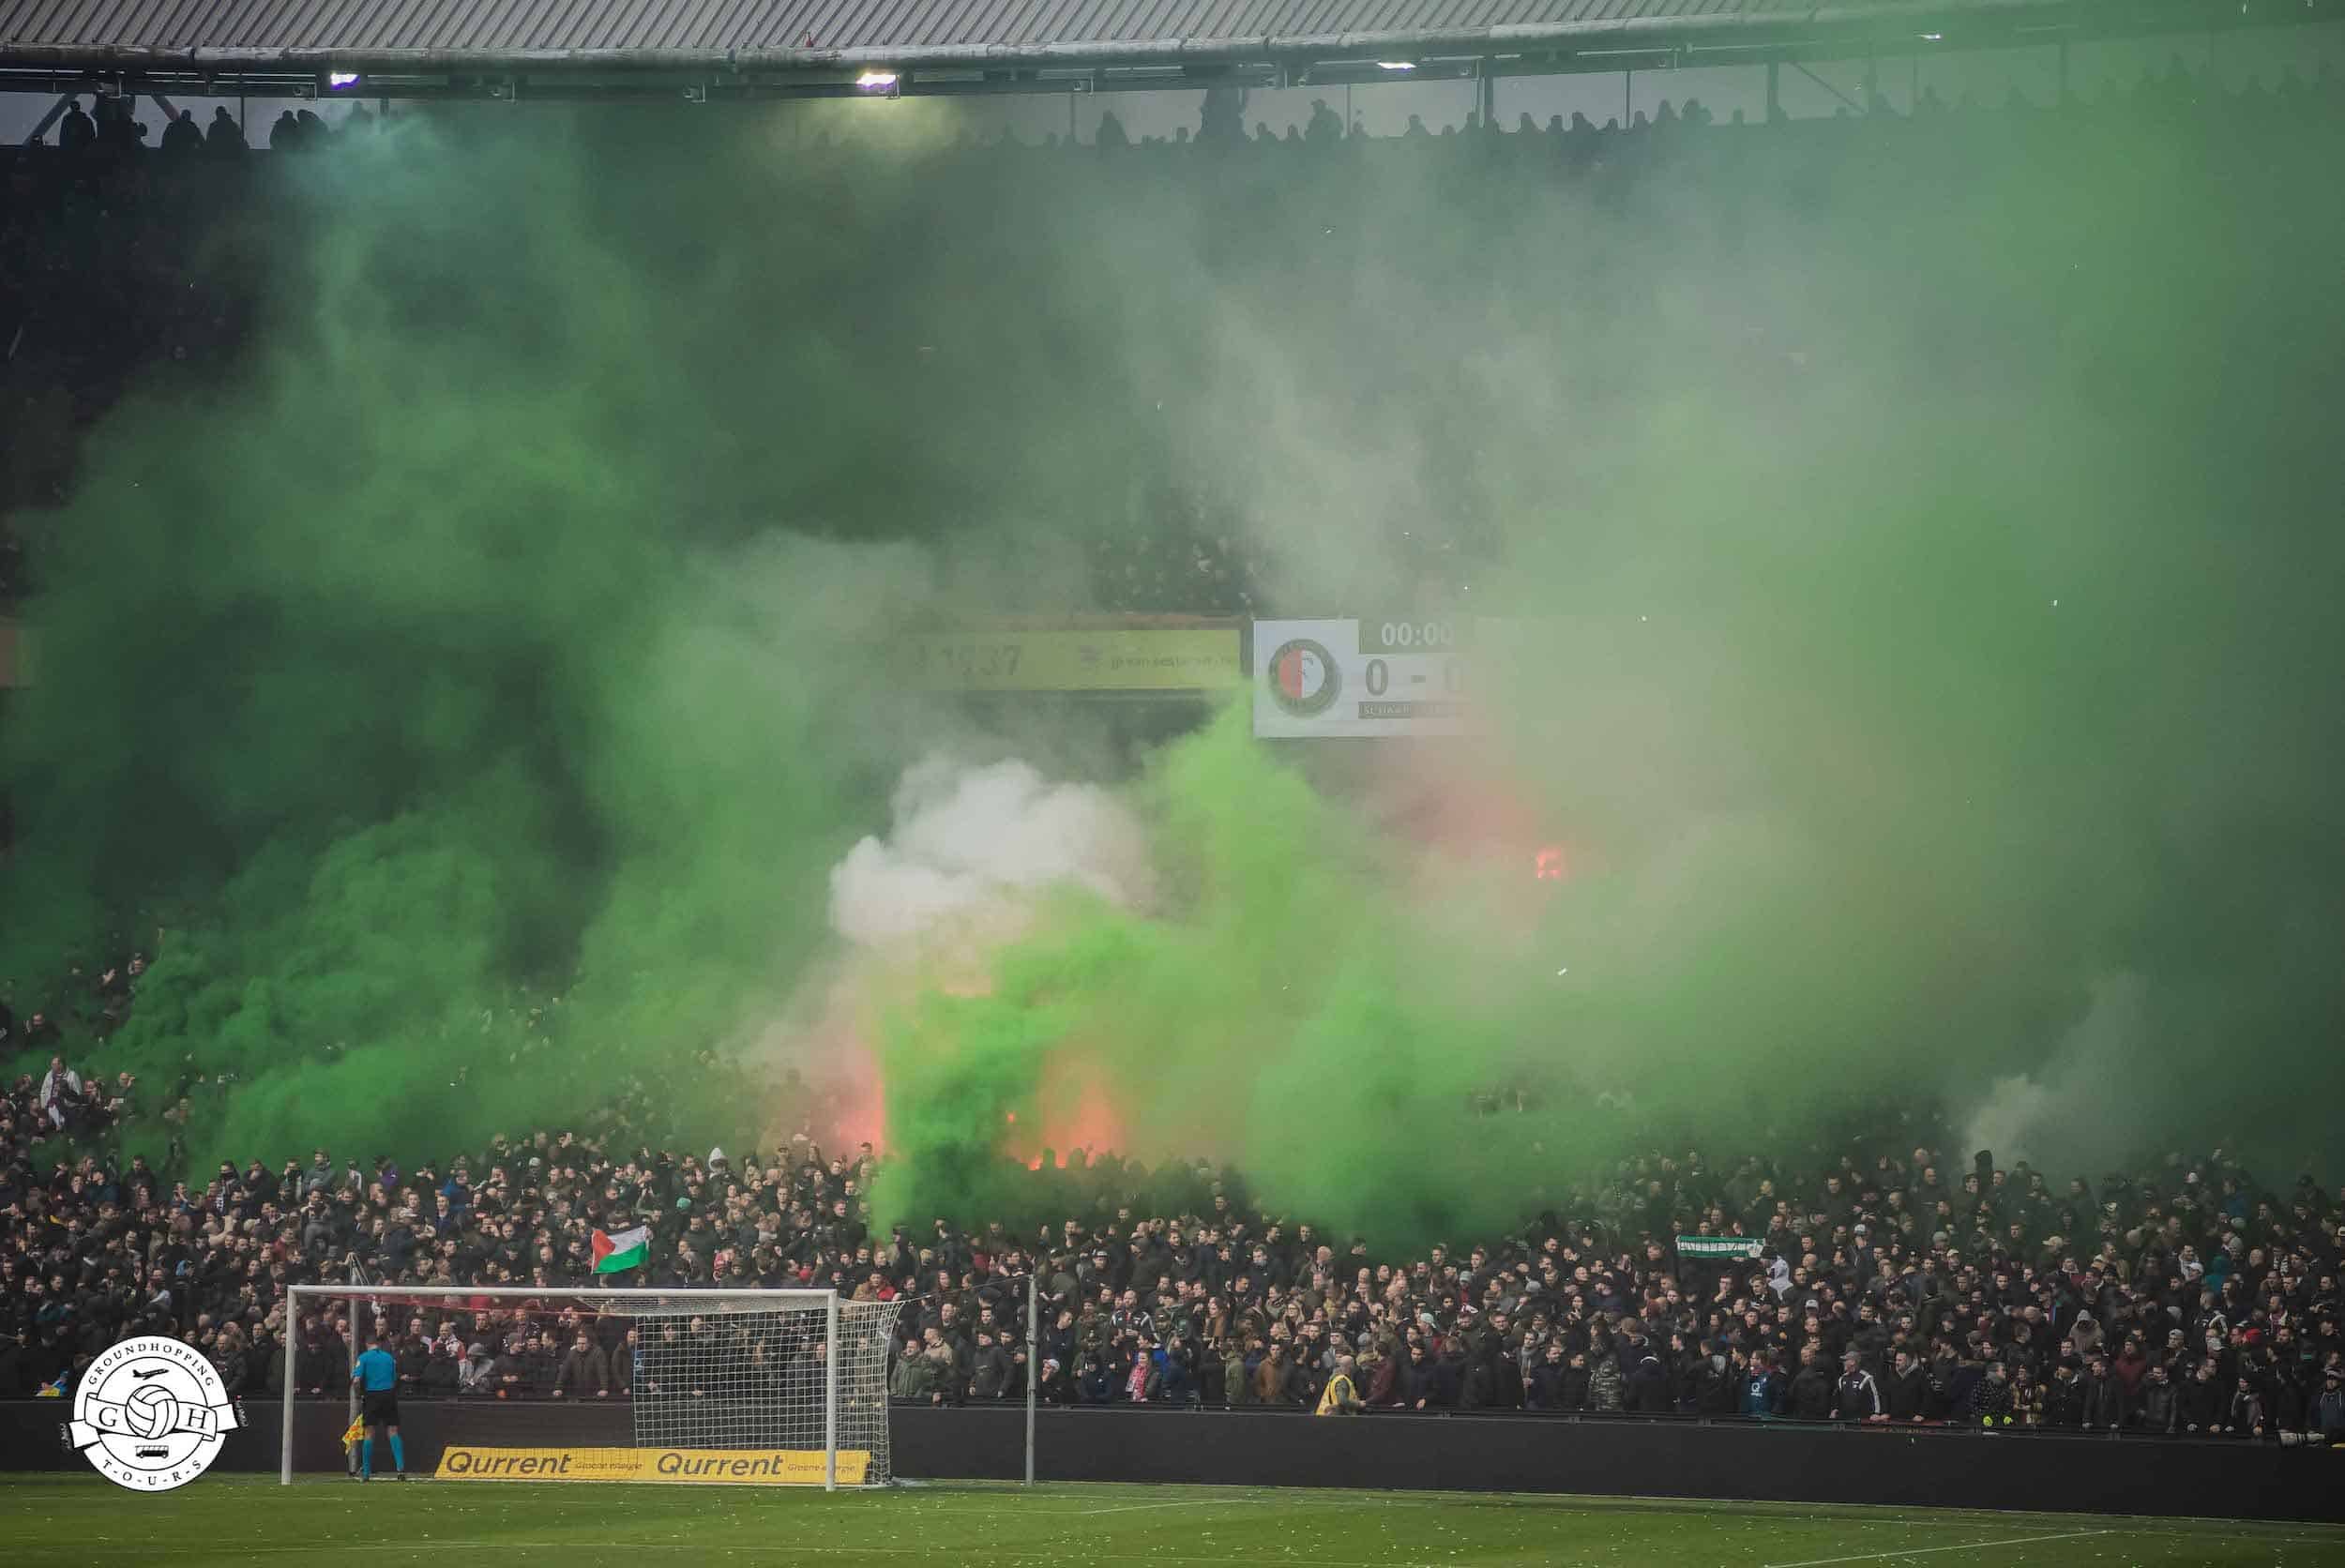 De Klassieker - Feyenoord vs. Ajax 2